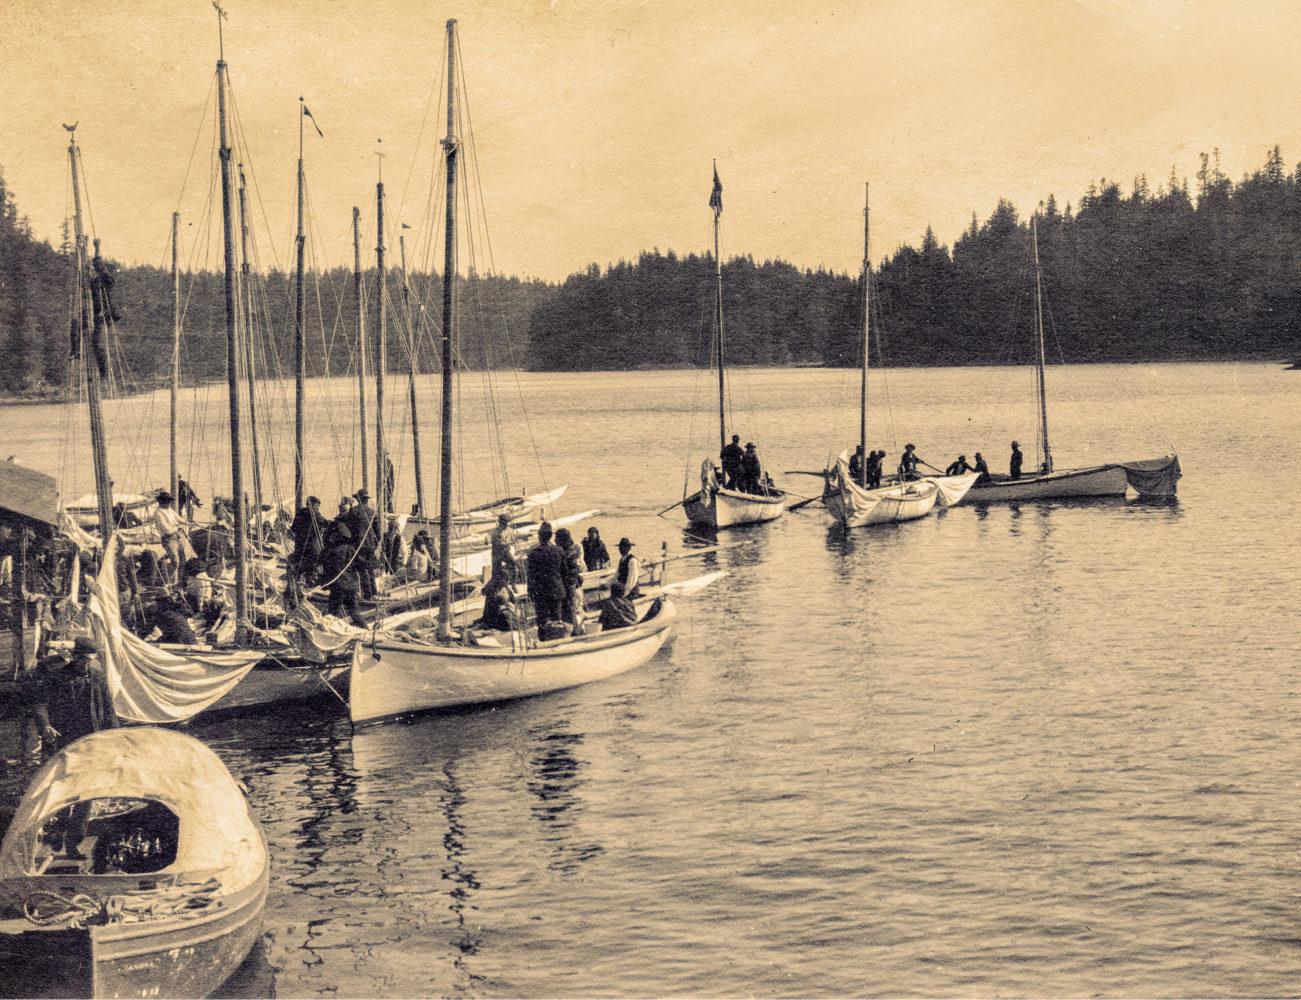 #16 - Sloop races, 1908